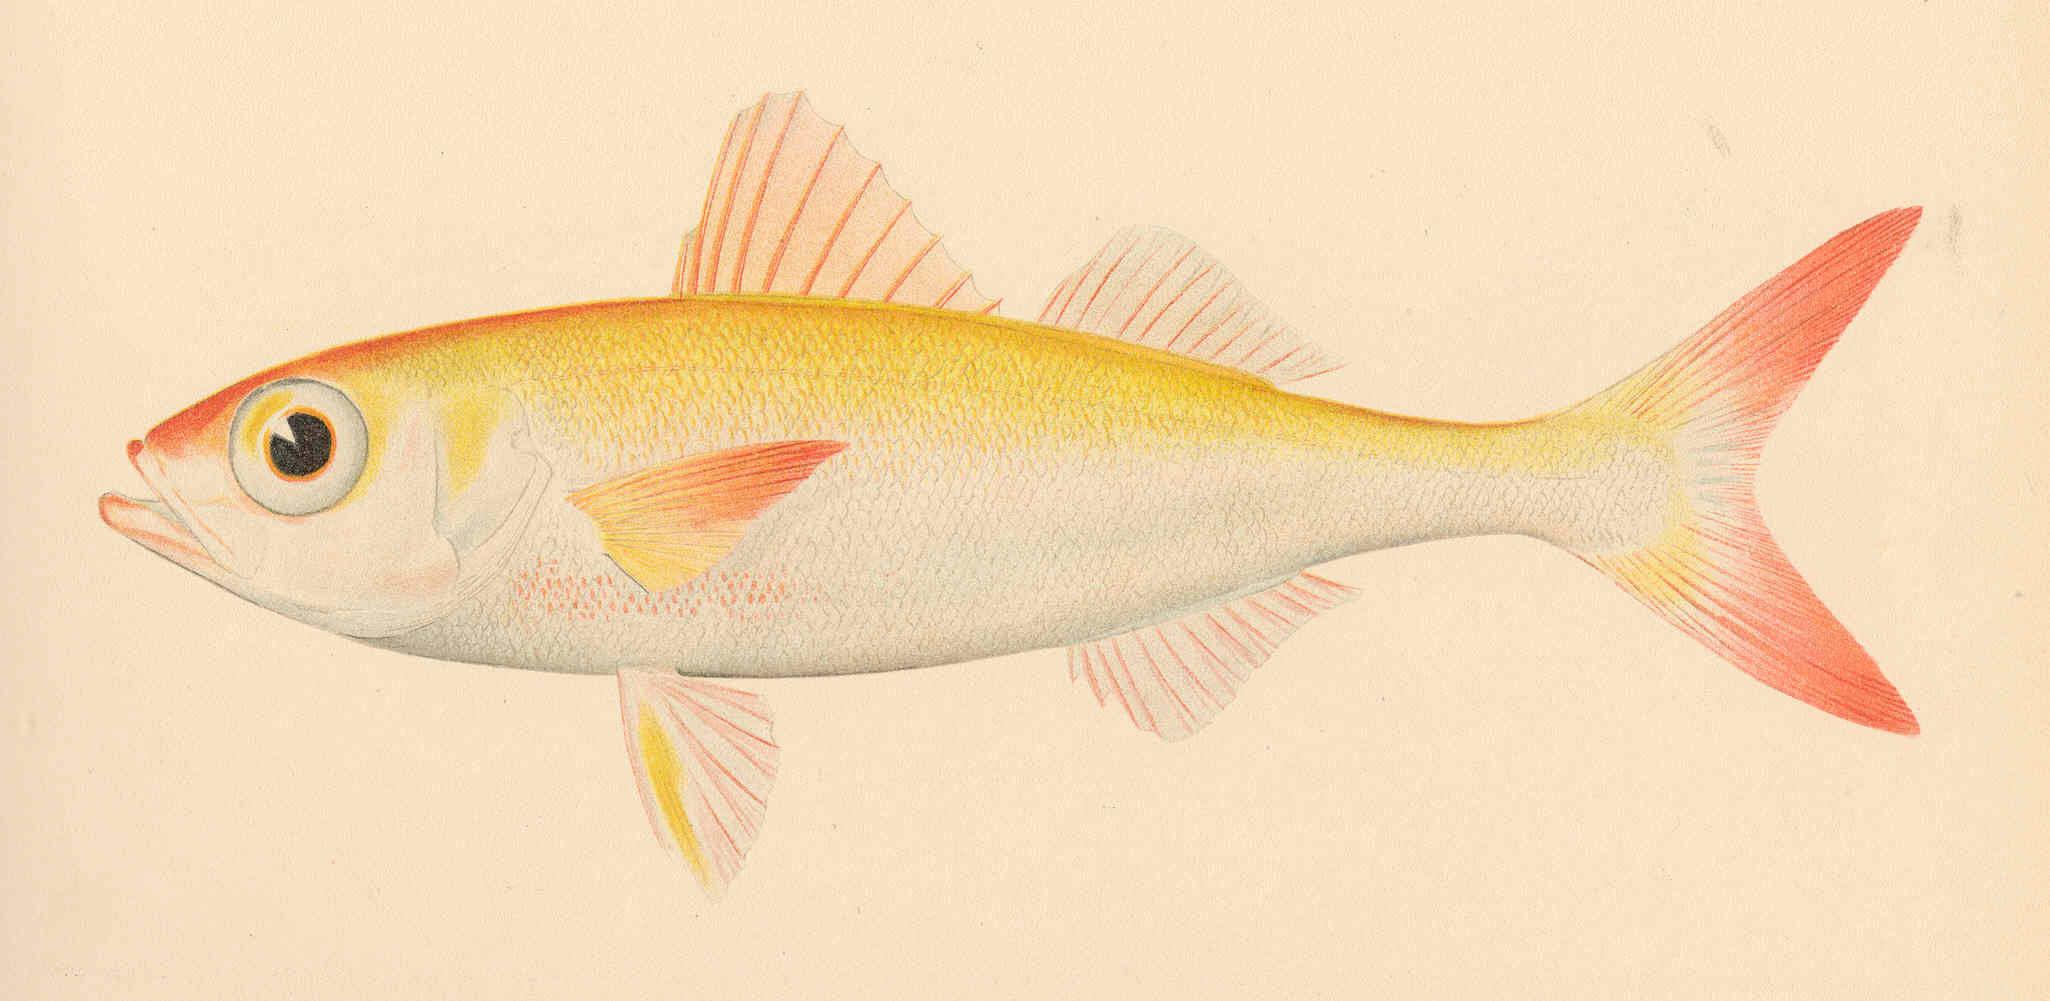 Image of Japanese rubyfish